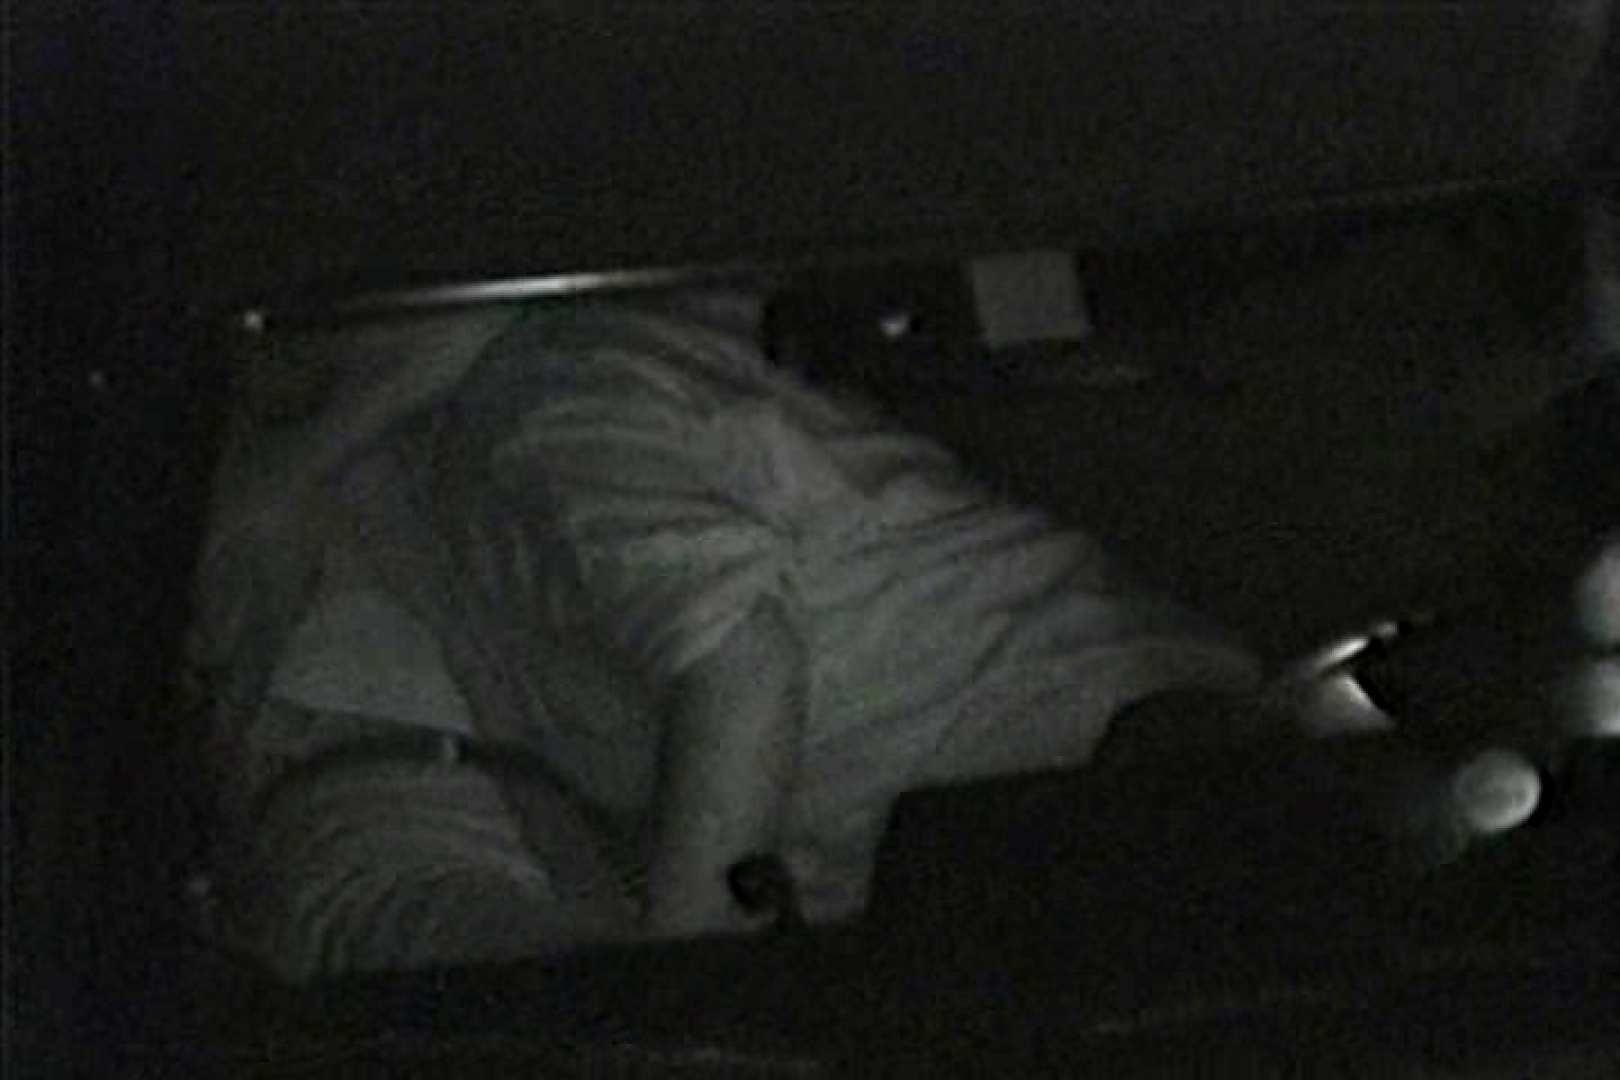 車の中はラブホテル 無修正版  Vol.7 ラブホテル隠し撮り われめAV動画紹介 84pic 31